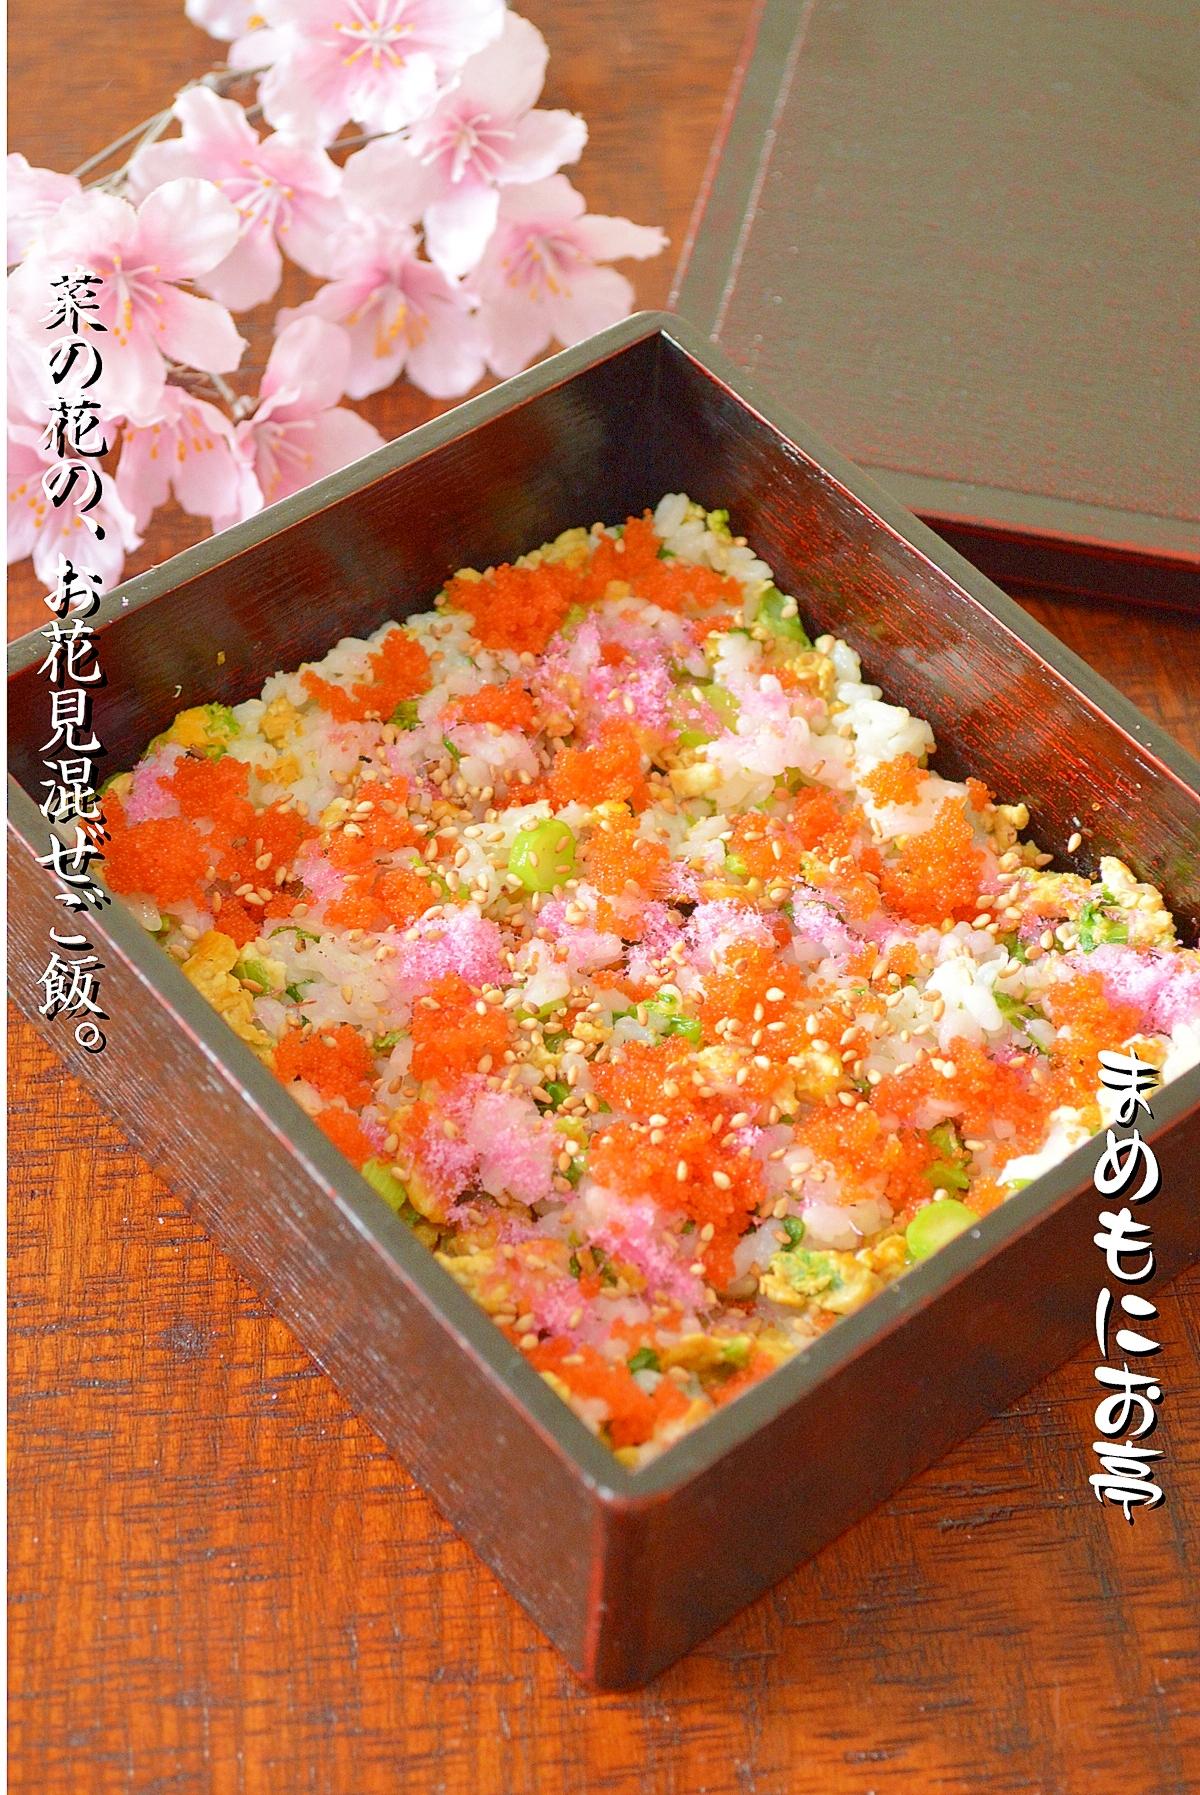 色鮮やかな♪菜の花のお花見弁当